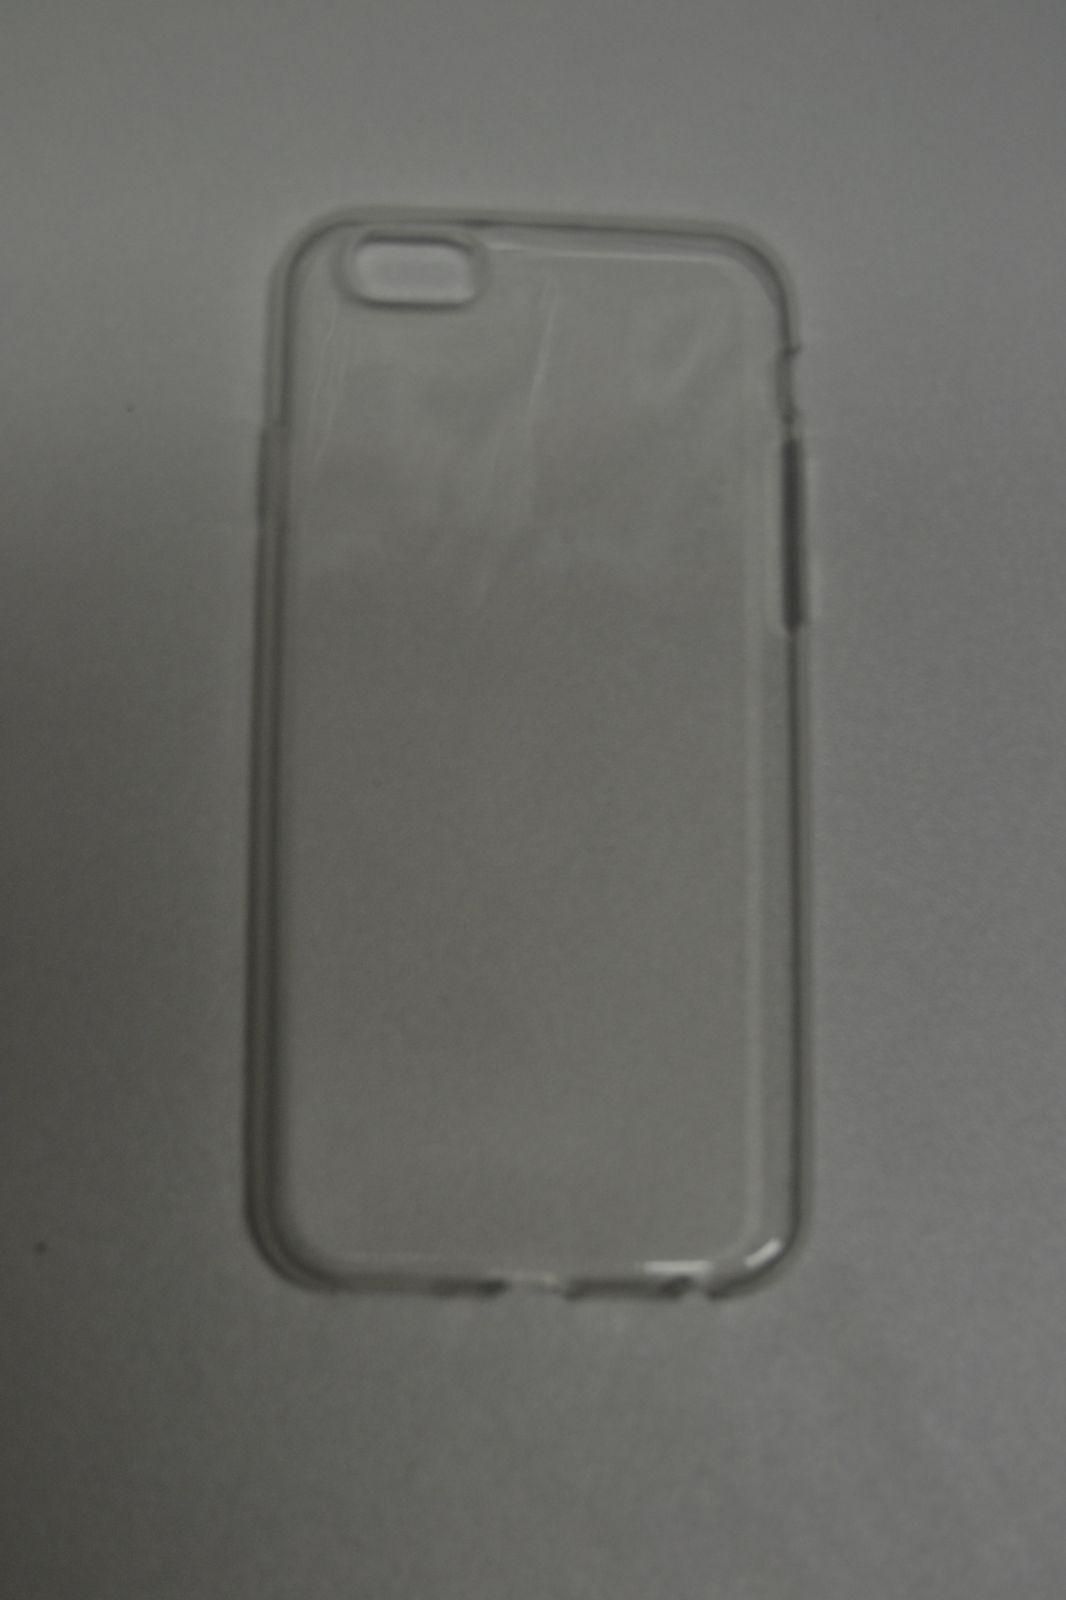 Silikonový kryt na mobilní telefon iPhone 6, pouzdro